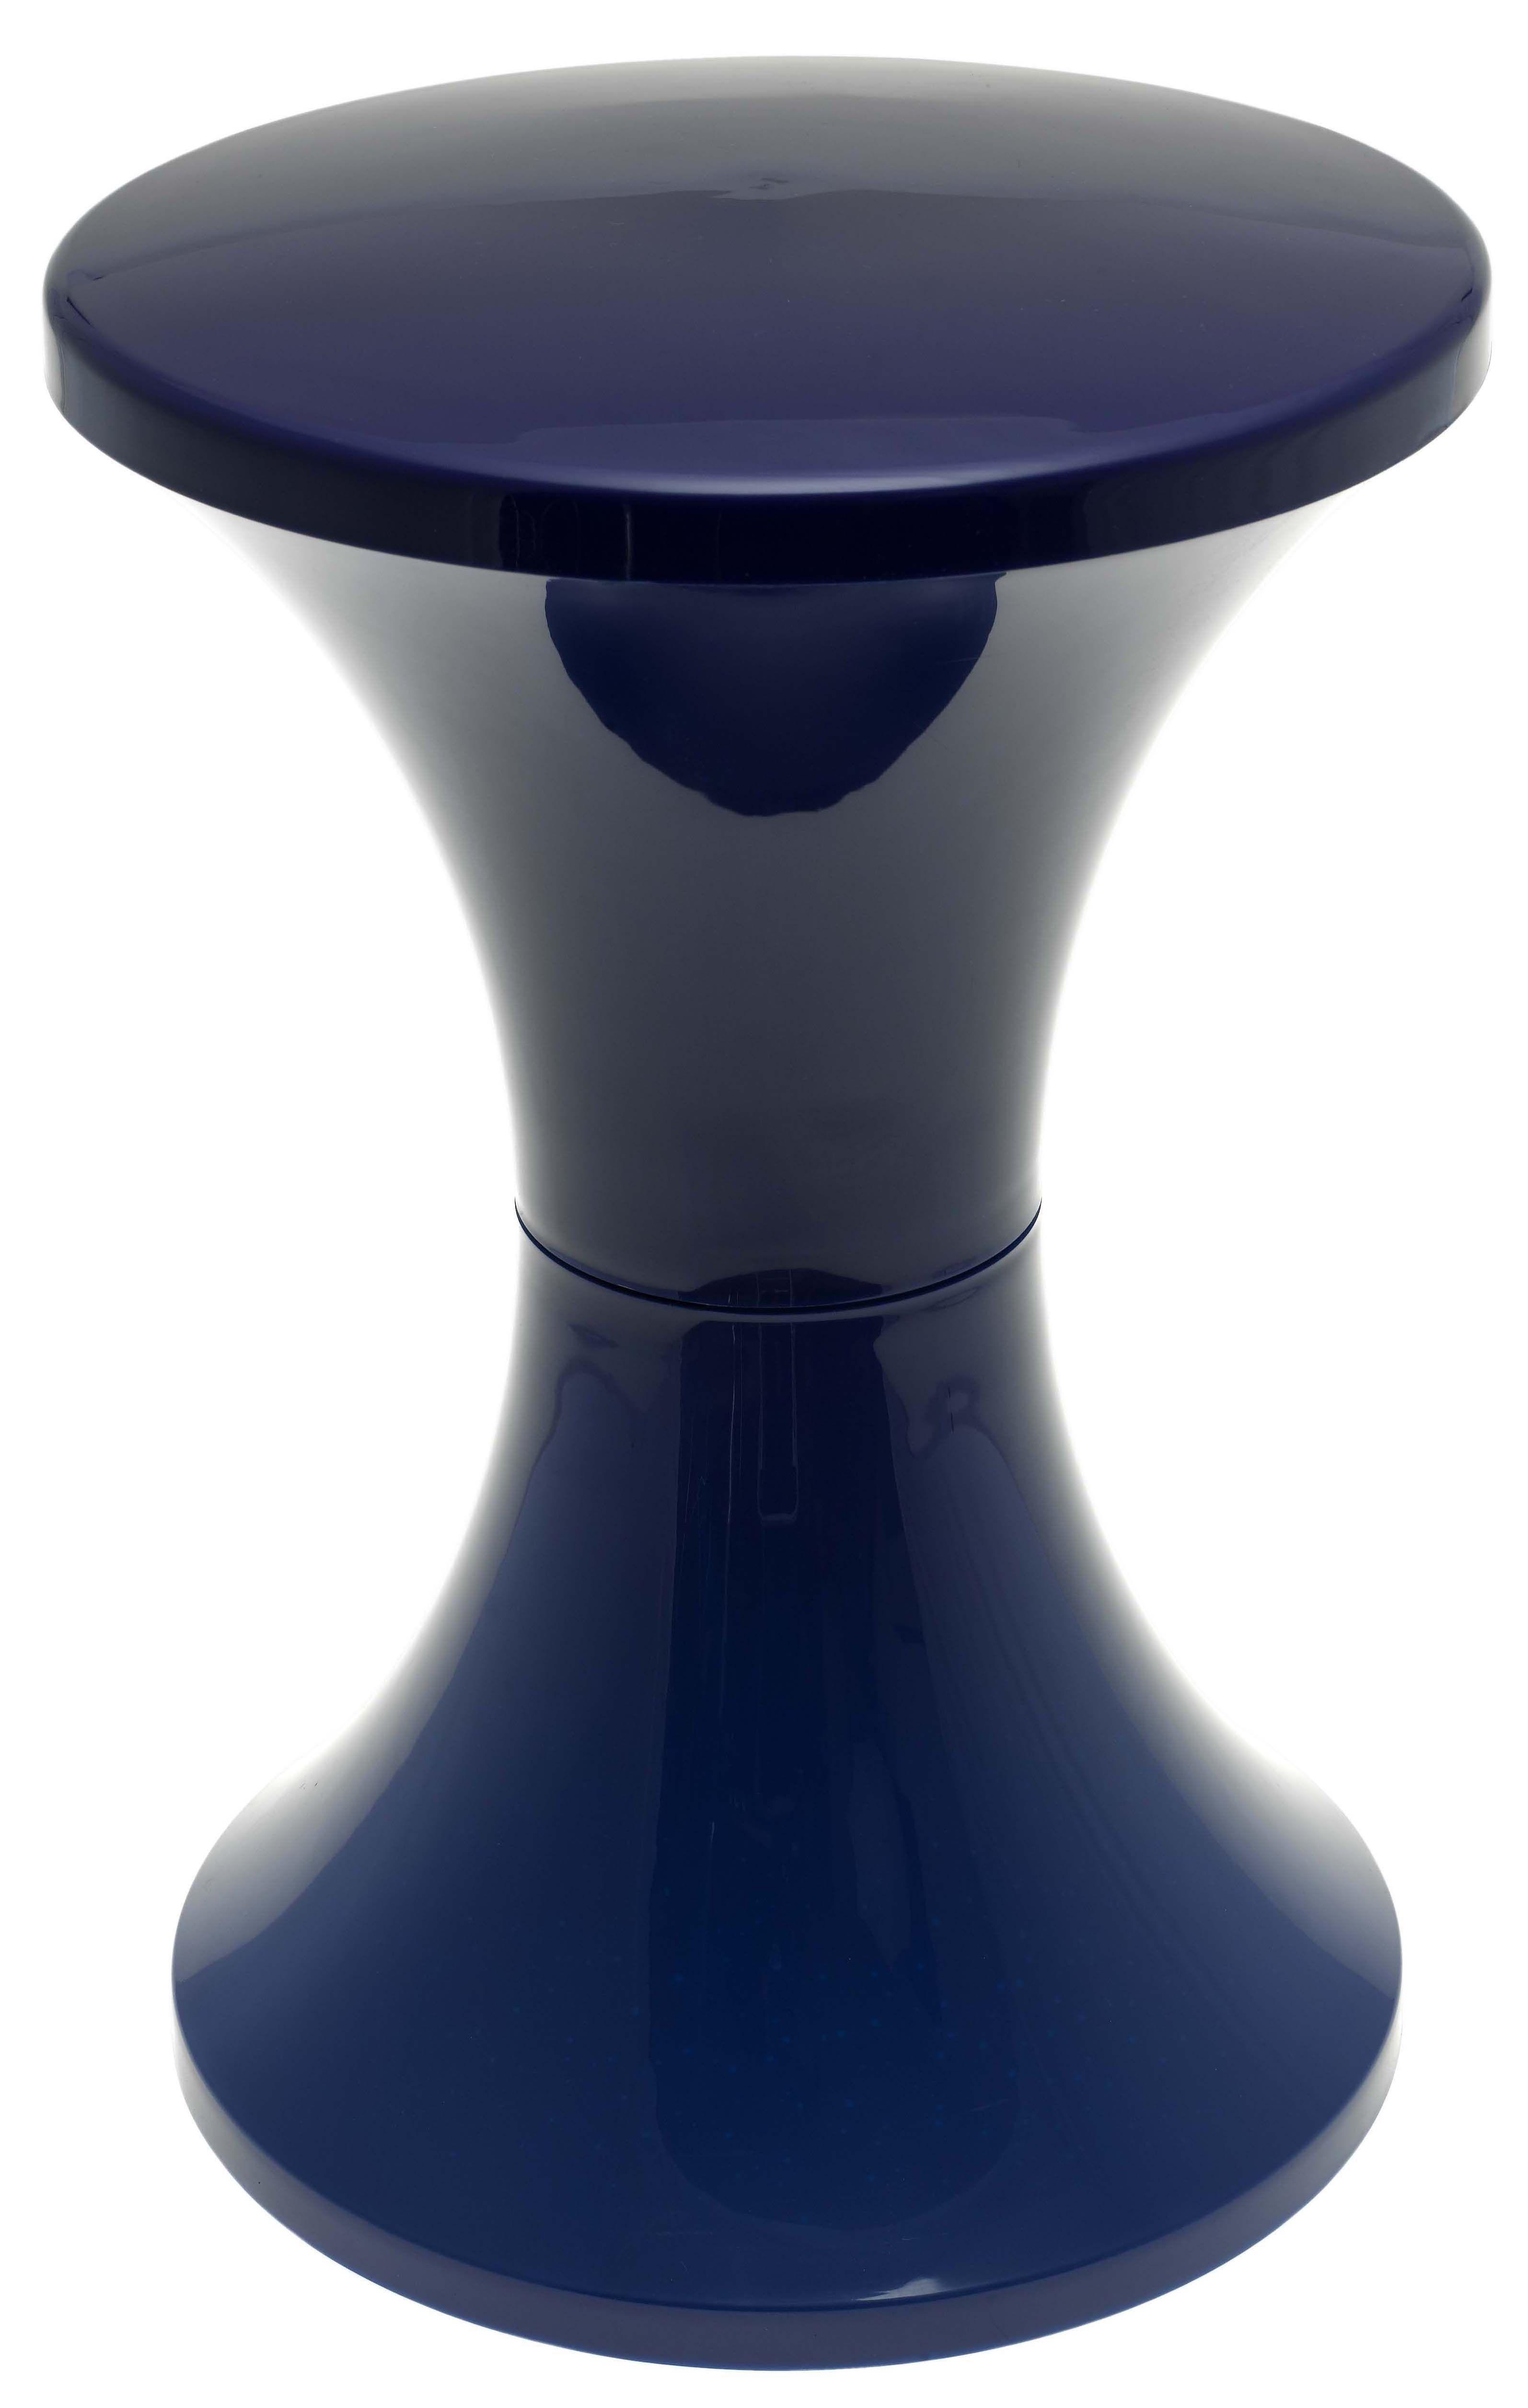 tabouret tam tam pop plastique bleu navy stamp edition. Black Bedroom Furniture Sets. Home Design Ideas